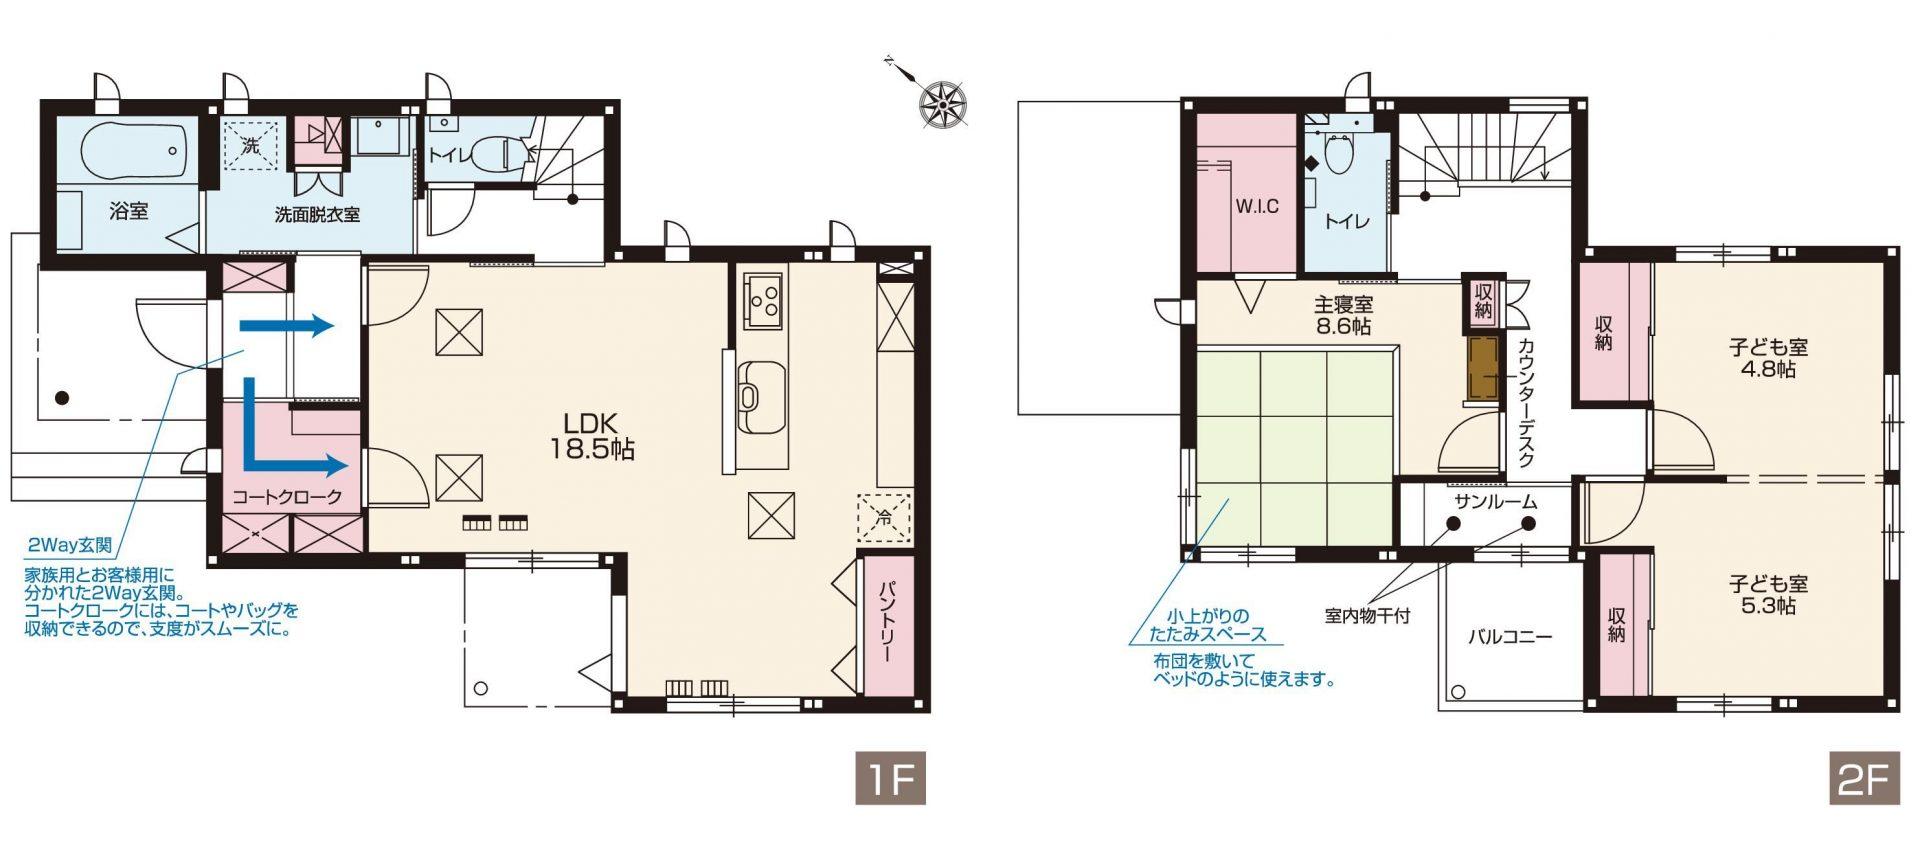 【分譲住宅・建売】スマートハイムシティ龍舞ガーデン No.A3(間取図)